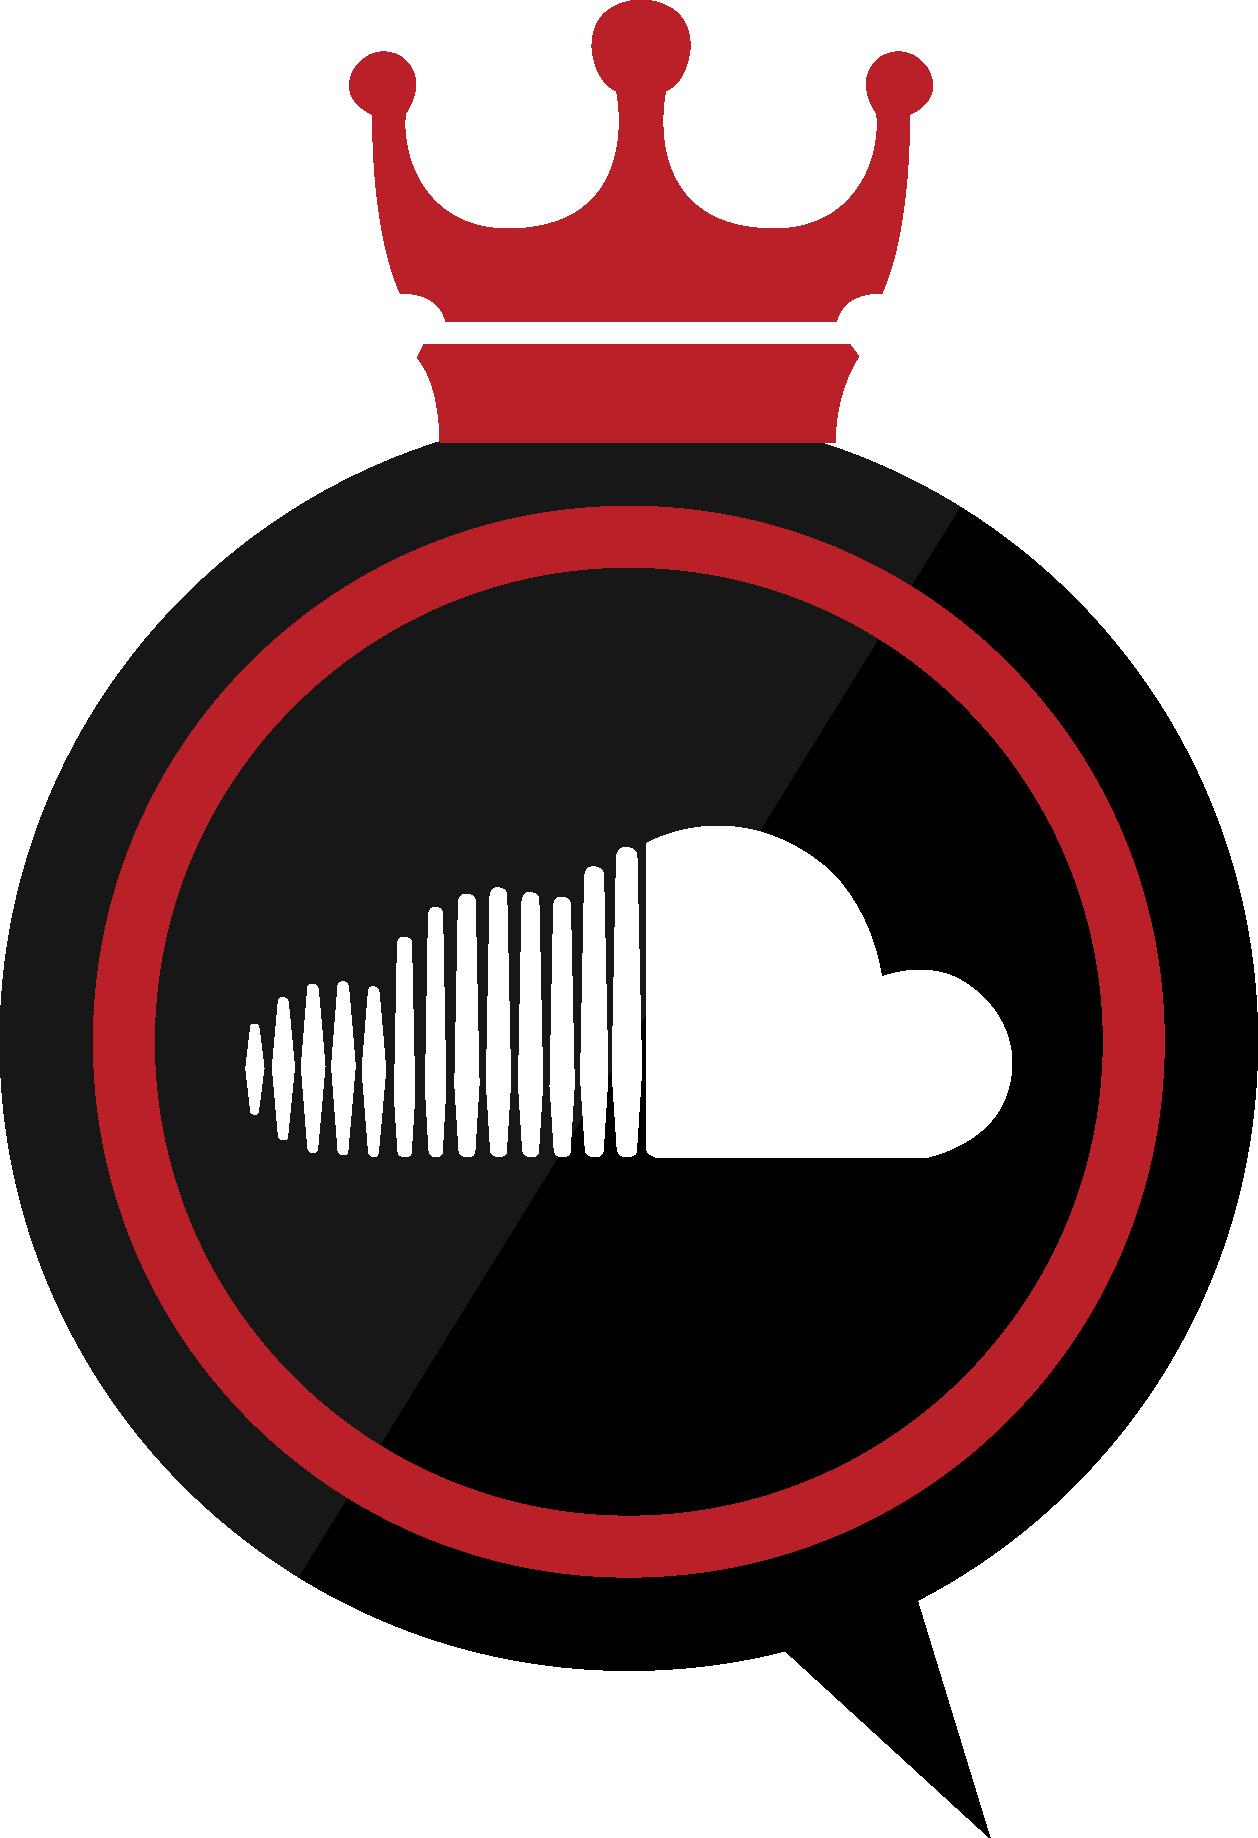 Soundcloud- Social Media